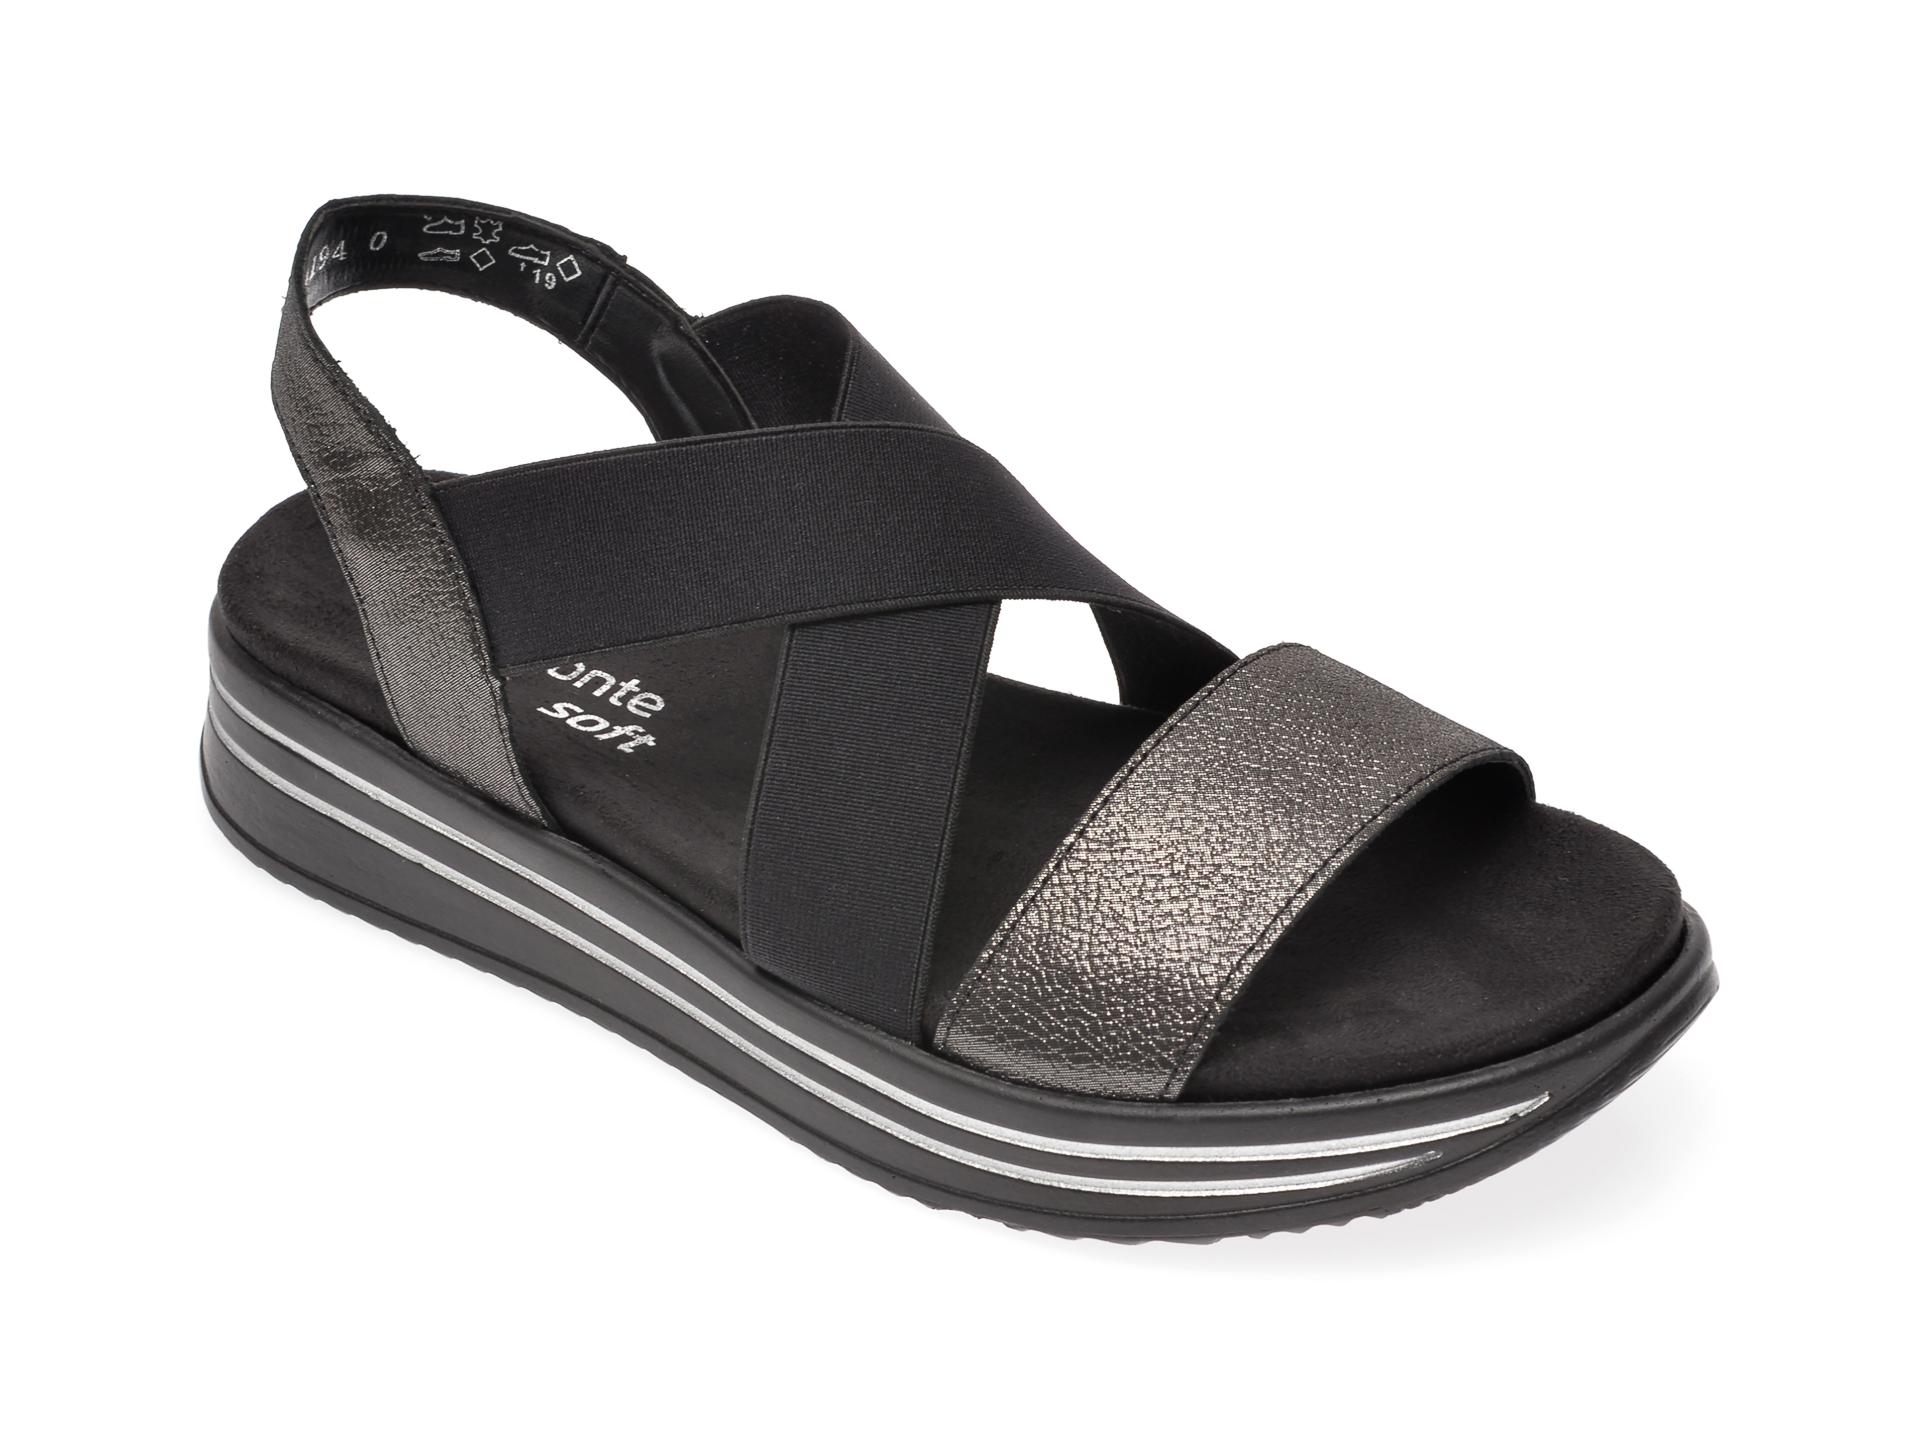 Sandale REMONTE negre, R2954, din material textil si piele naturala